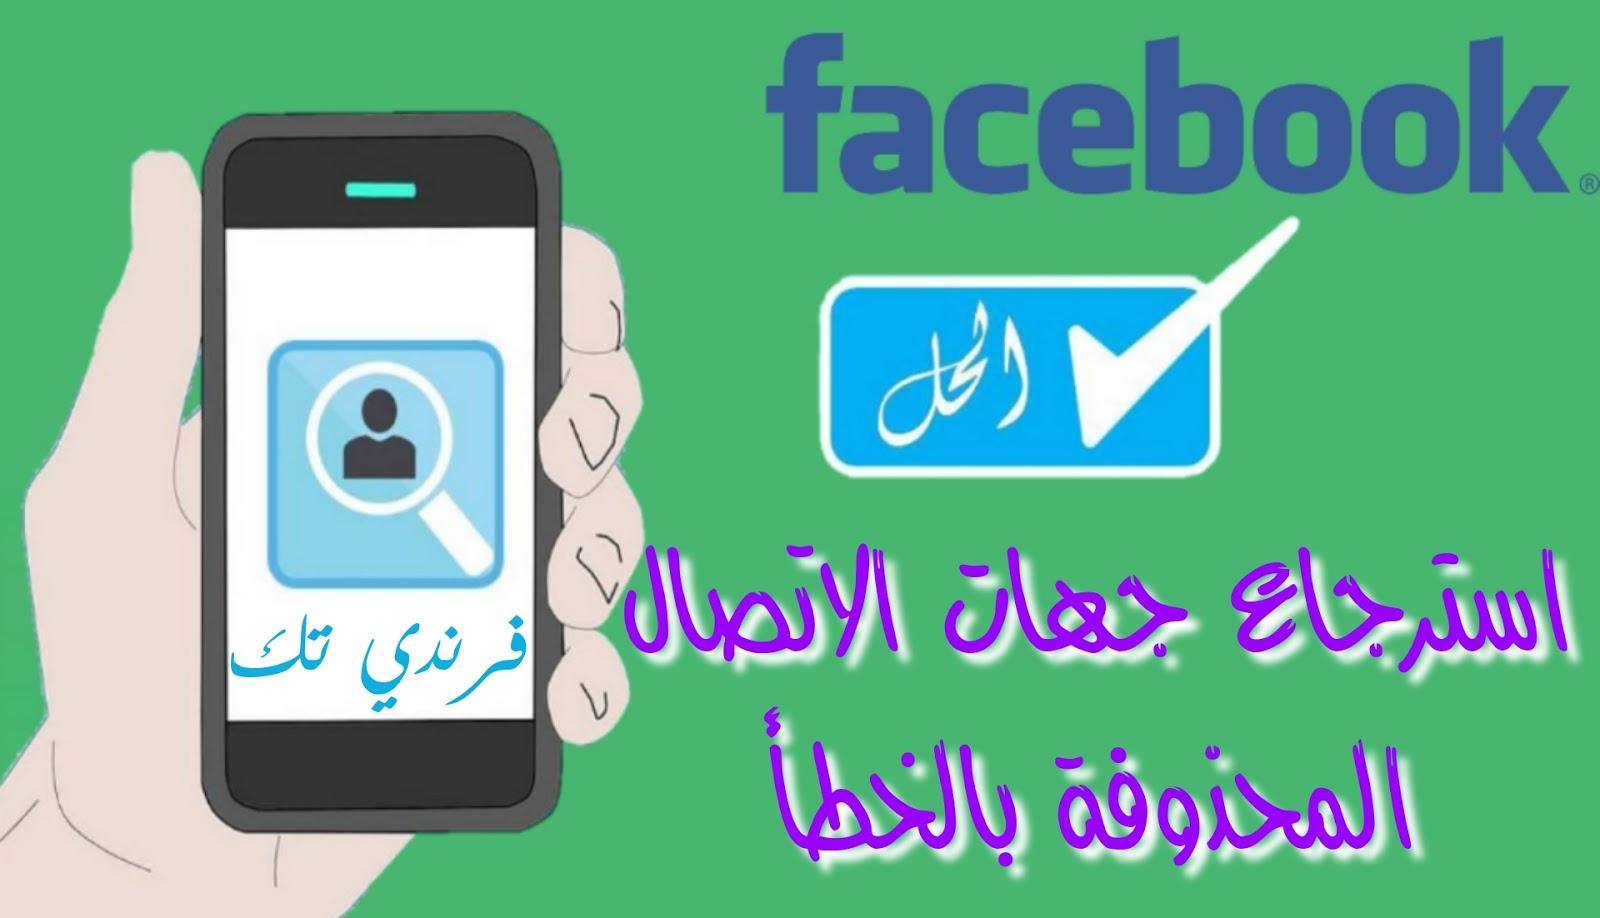 طريقة استرجاع ومعرفة ارقام هواتف اصدقائك من الفيس بوك في حال فقدانها